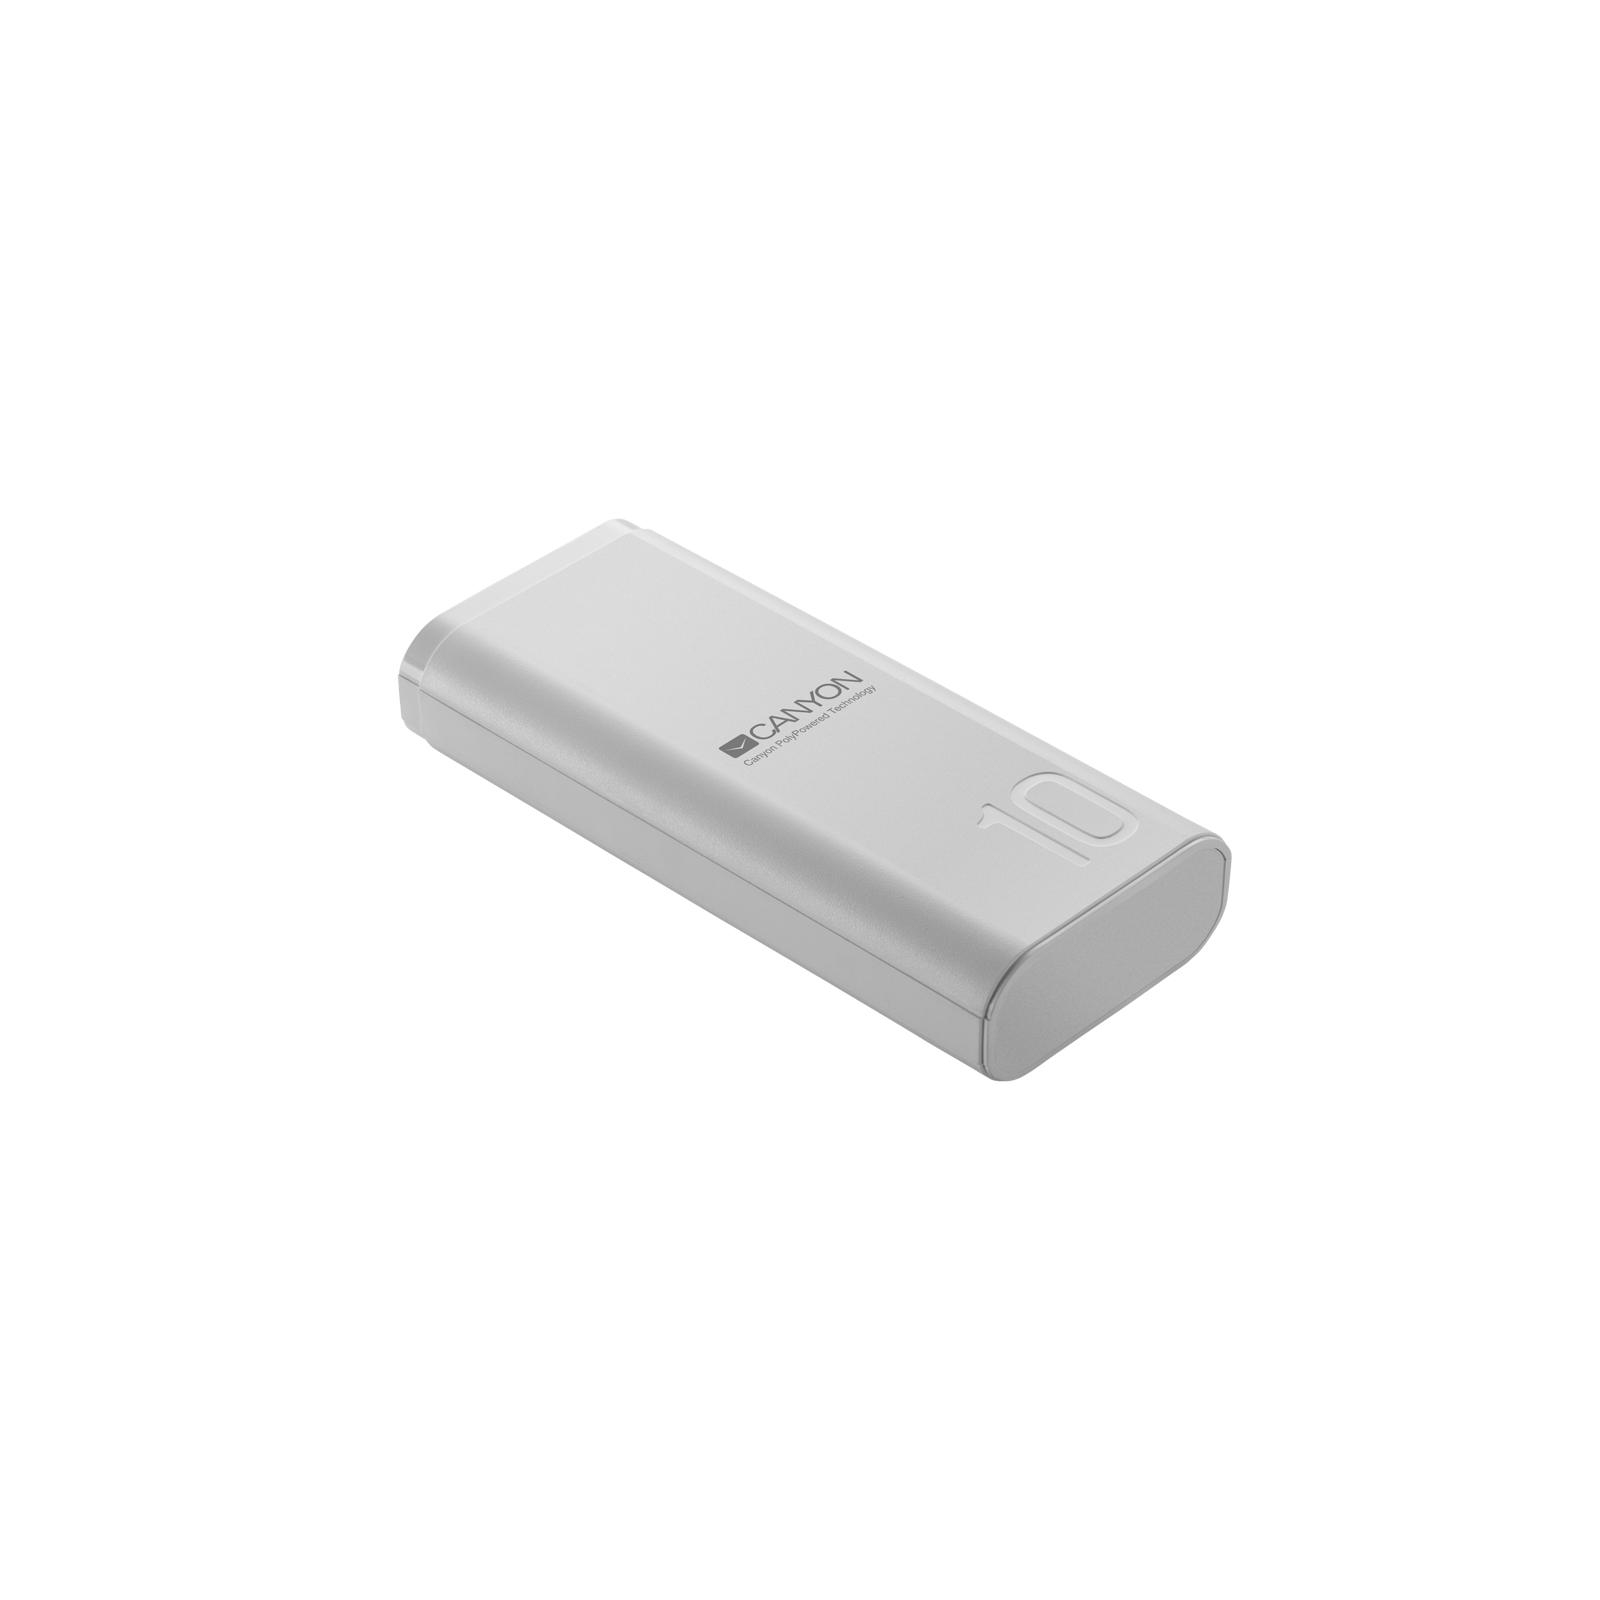 Батарея универсальная Canyon PB-103 10000mAh, Input 5V/2A, Output 5V/2.1A, Black (CNE-CPB010B) изображение 2